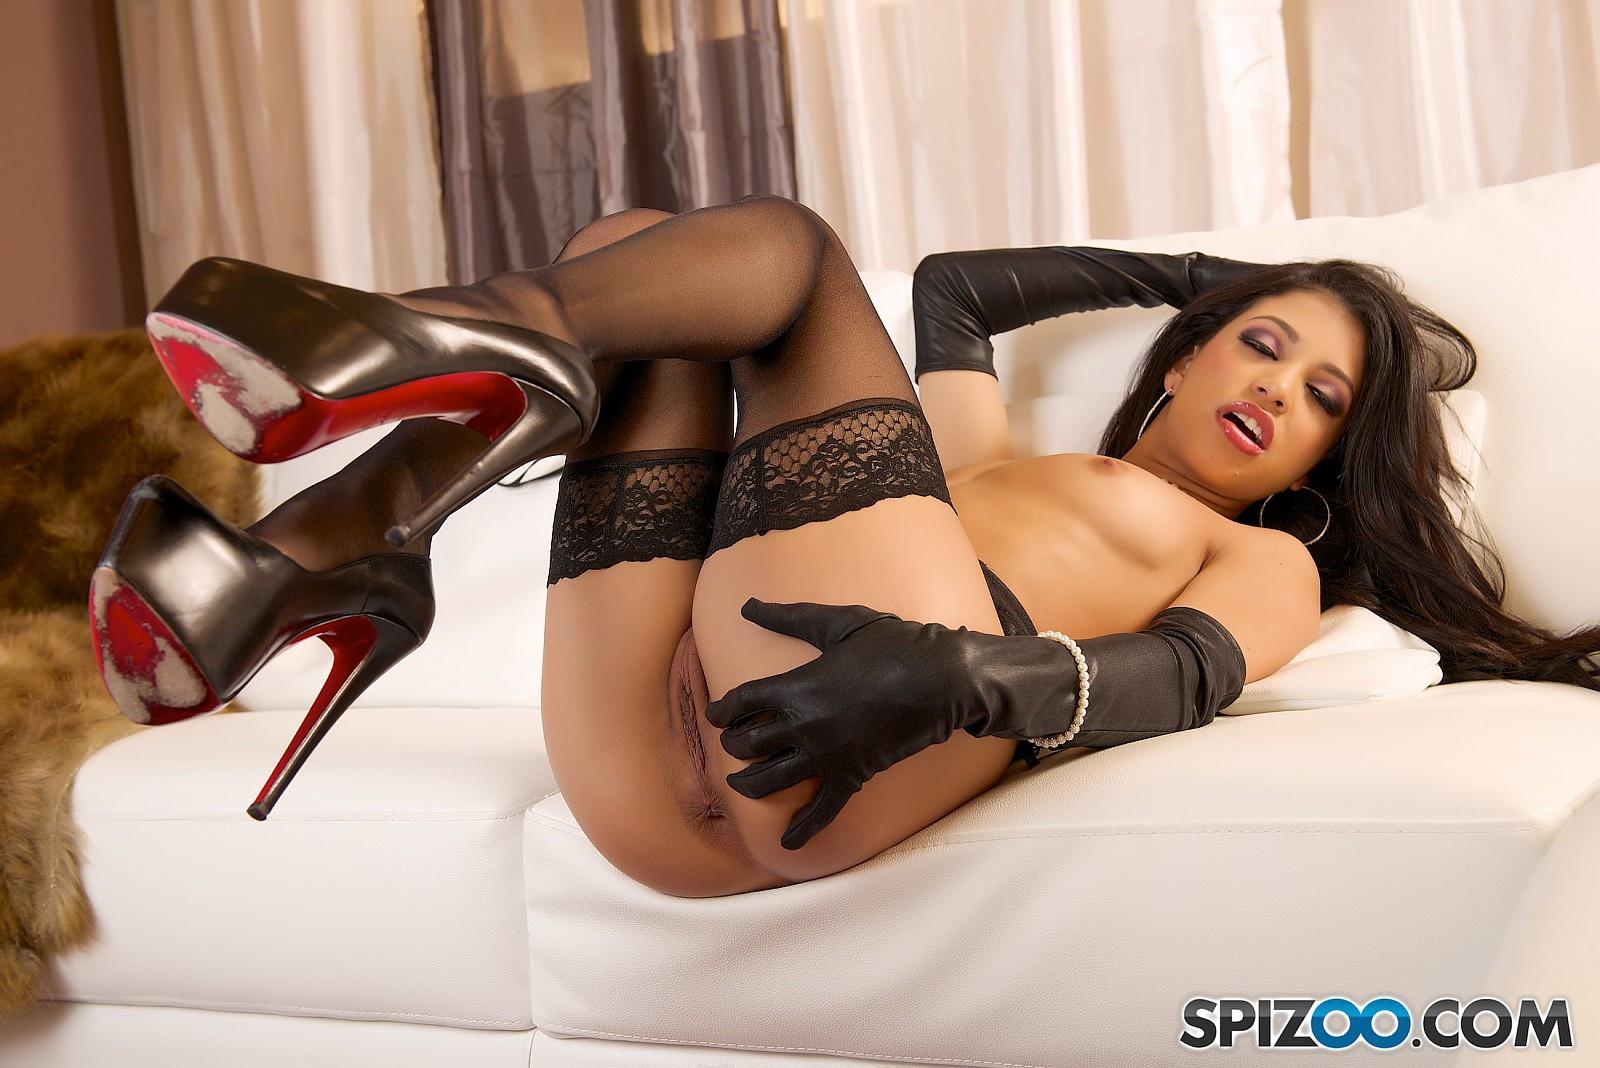 nude girls in heels vids